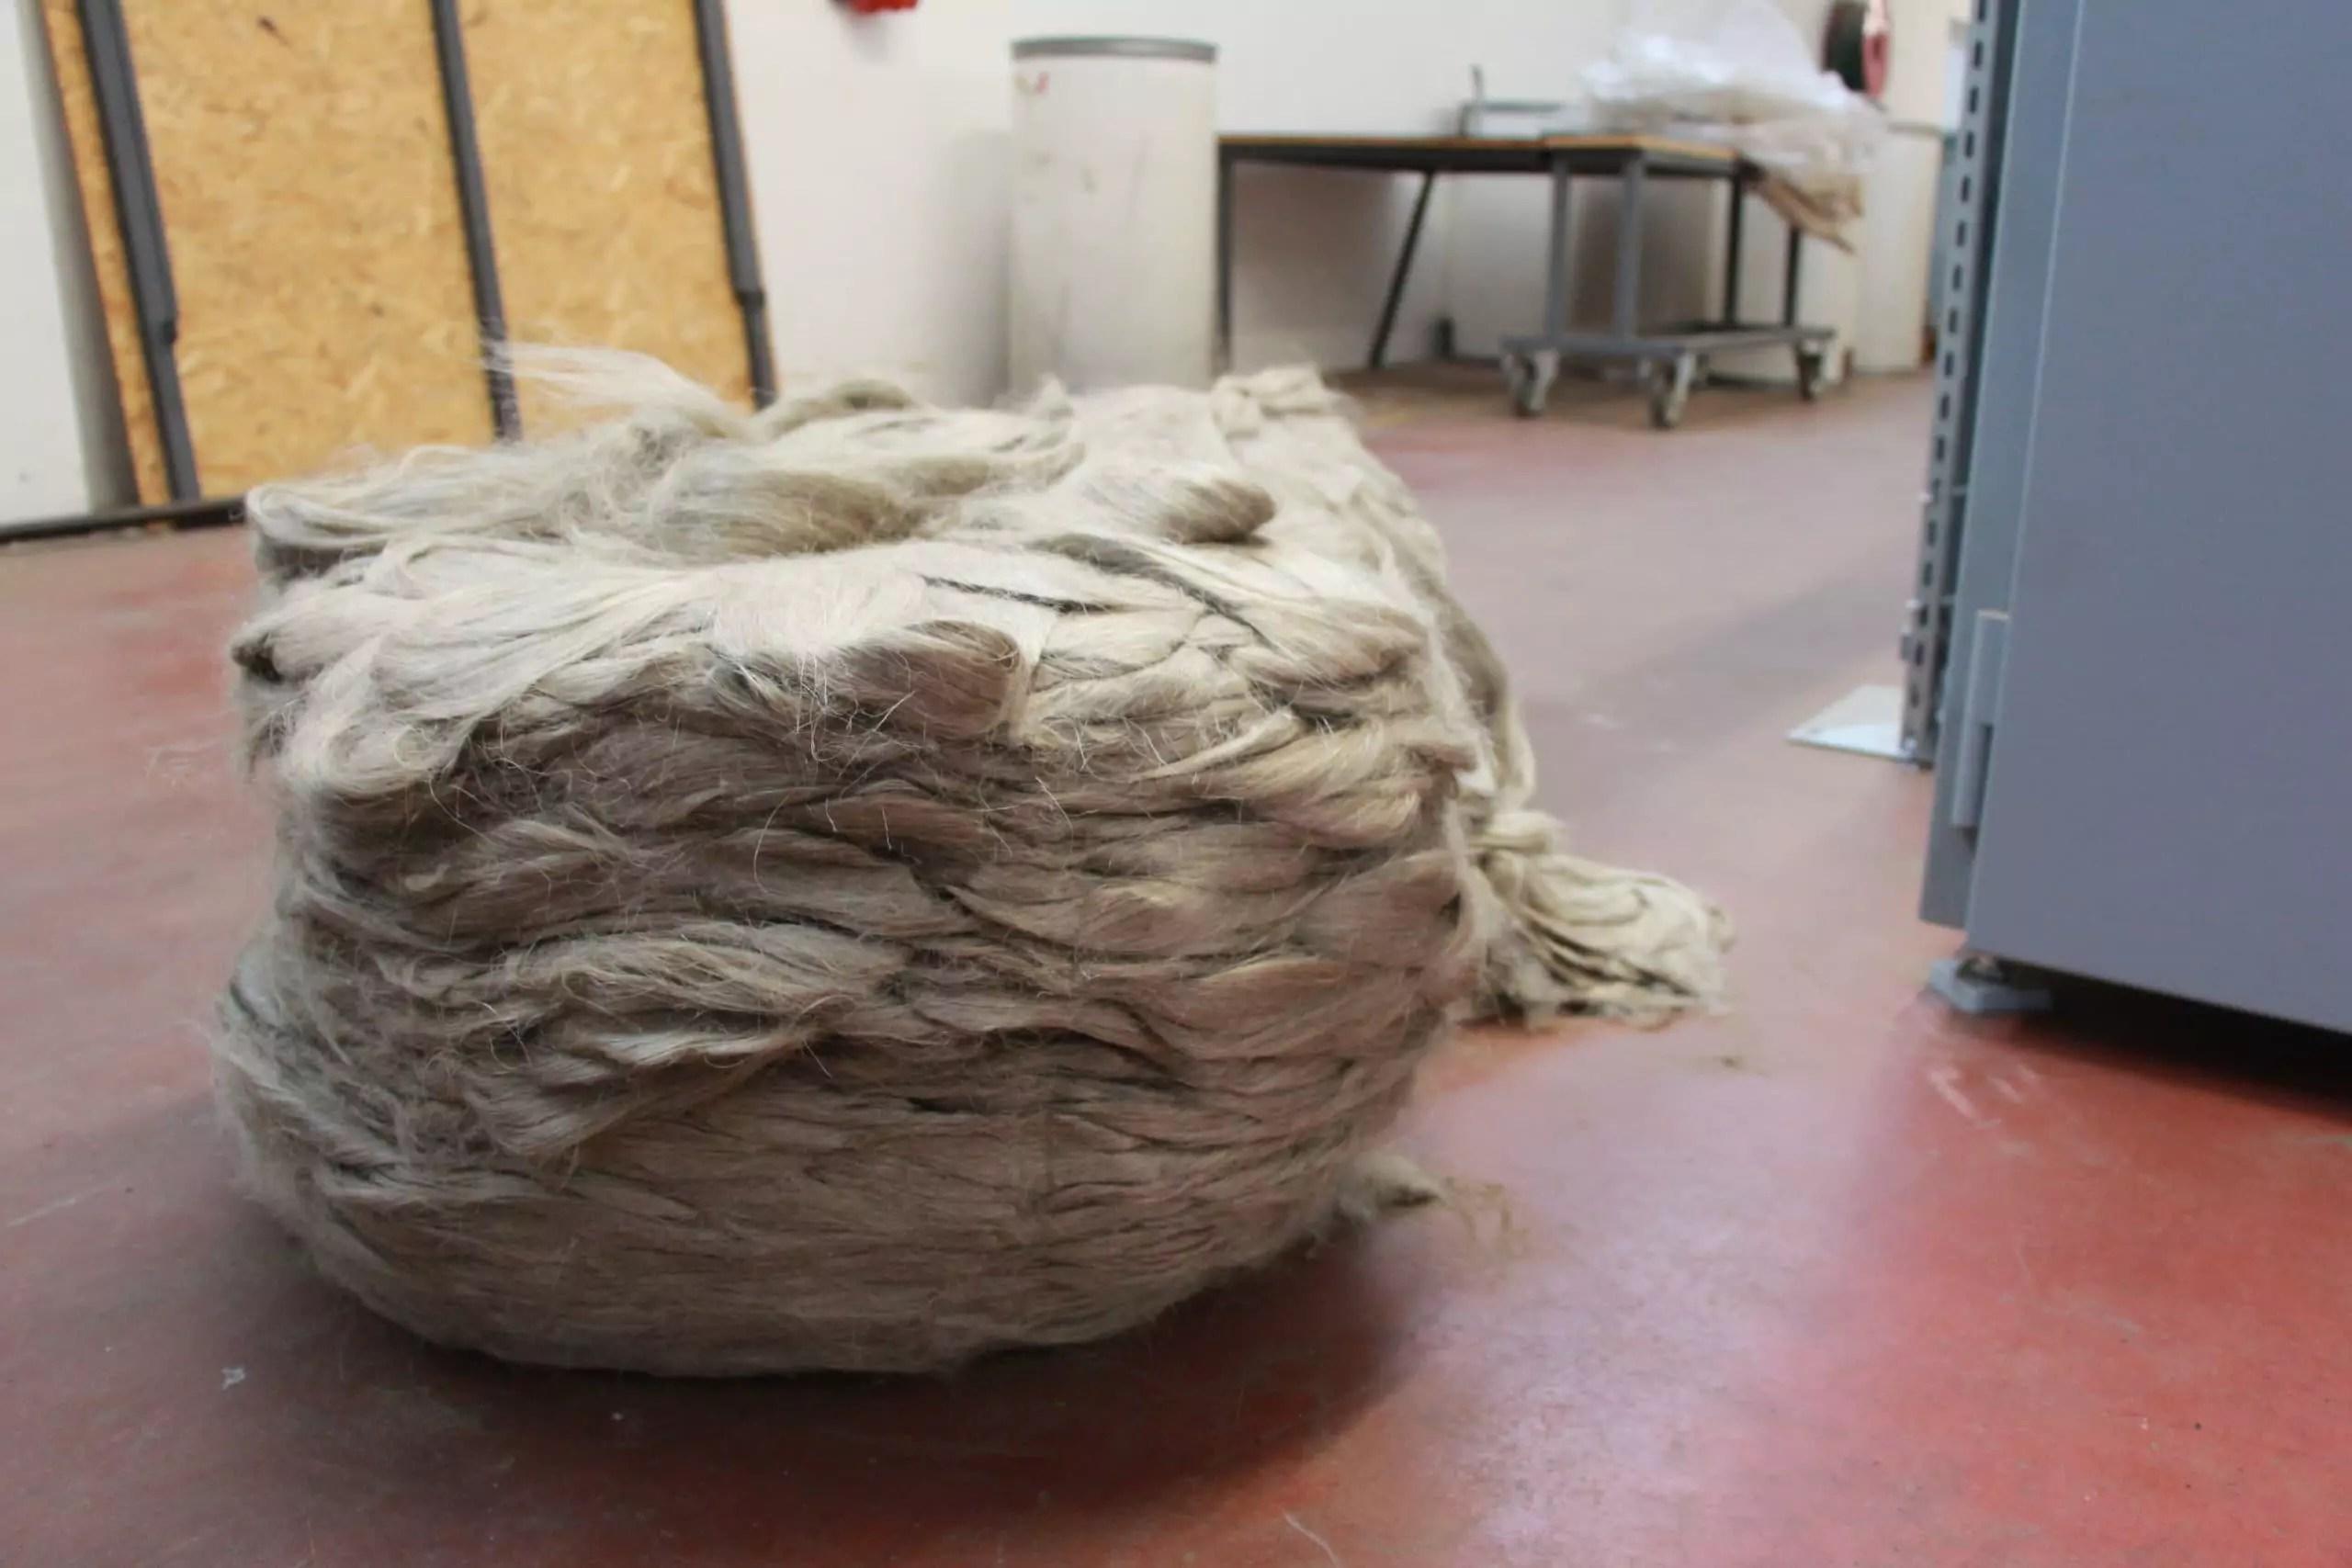 Le lin arrive sous cette forme à la filature.